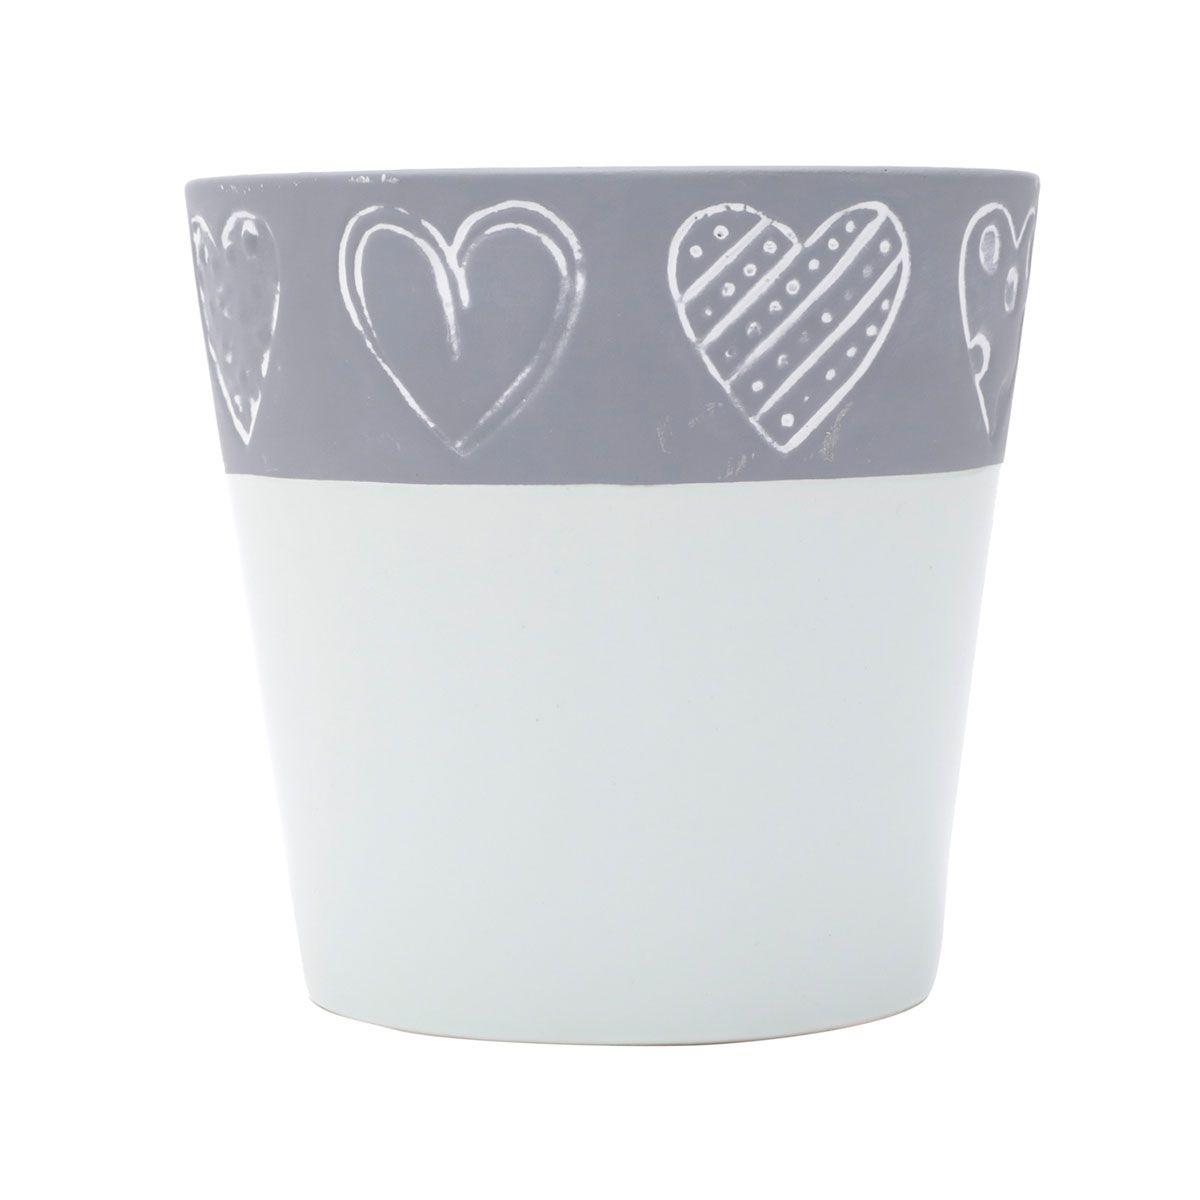 Kit 3 Vasos Concreto Decorativo Coração 1 Oval e 2 Redondo